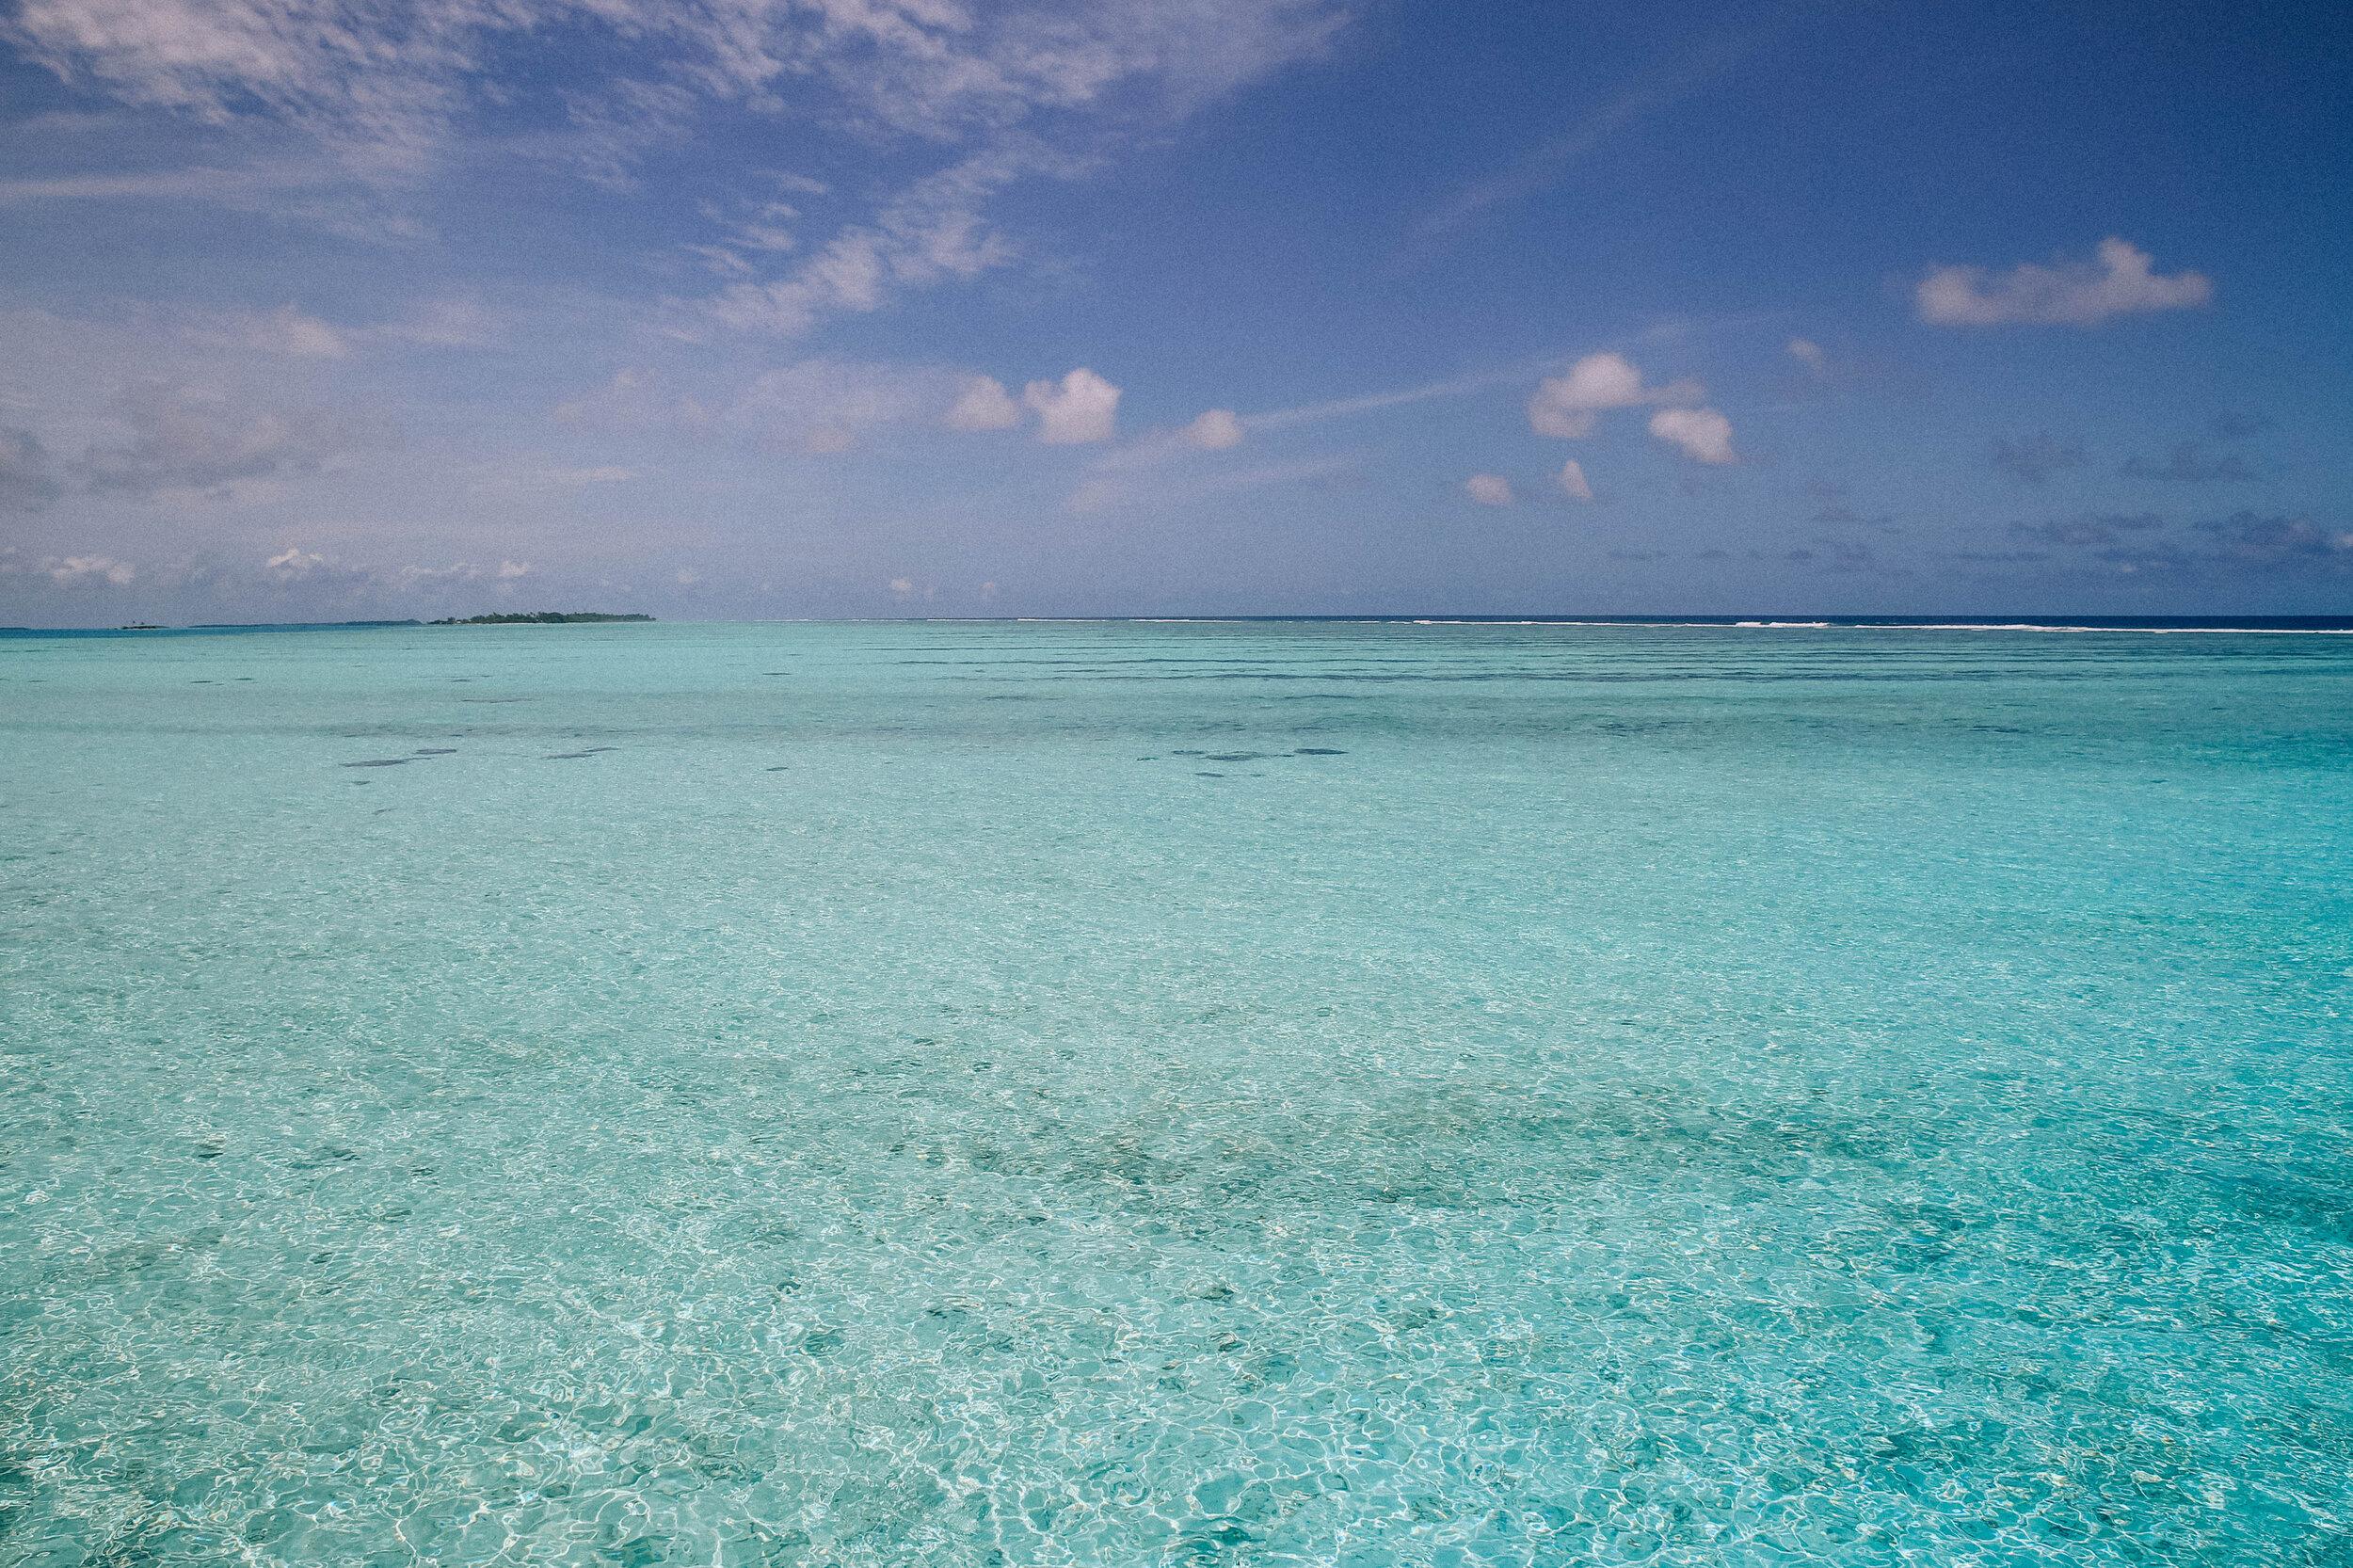 Maldives fitness retreats, niyama maldives